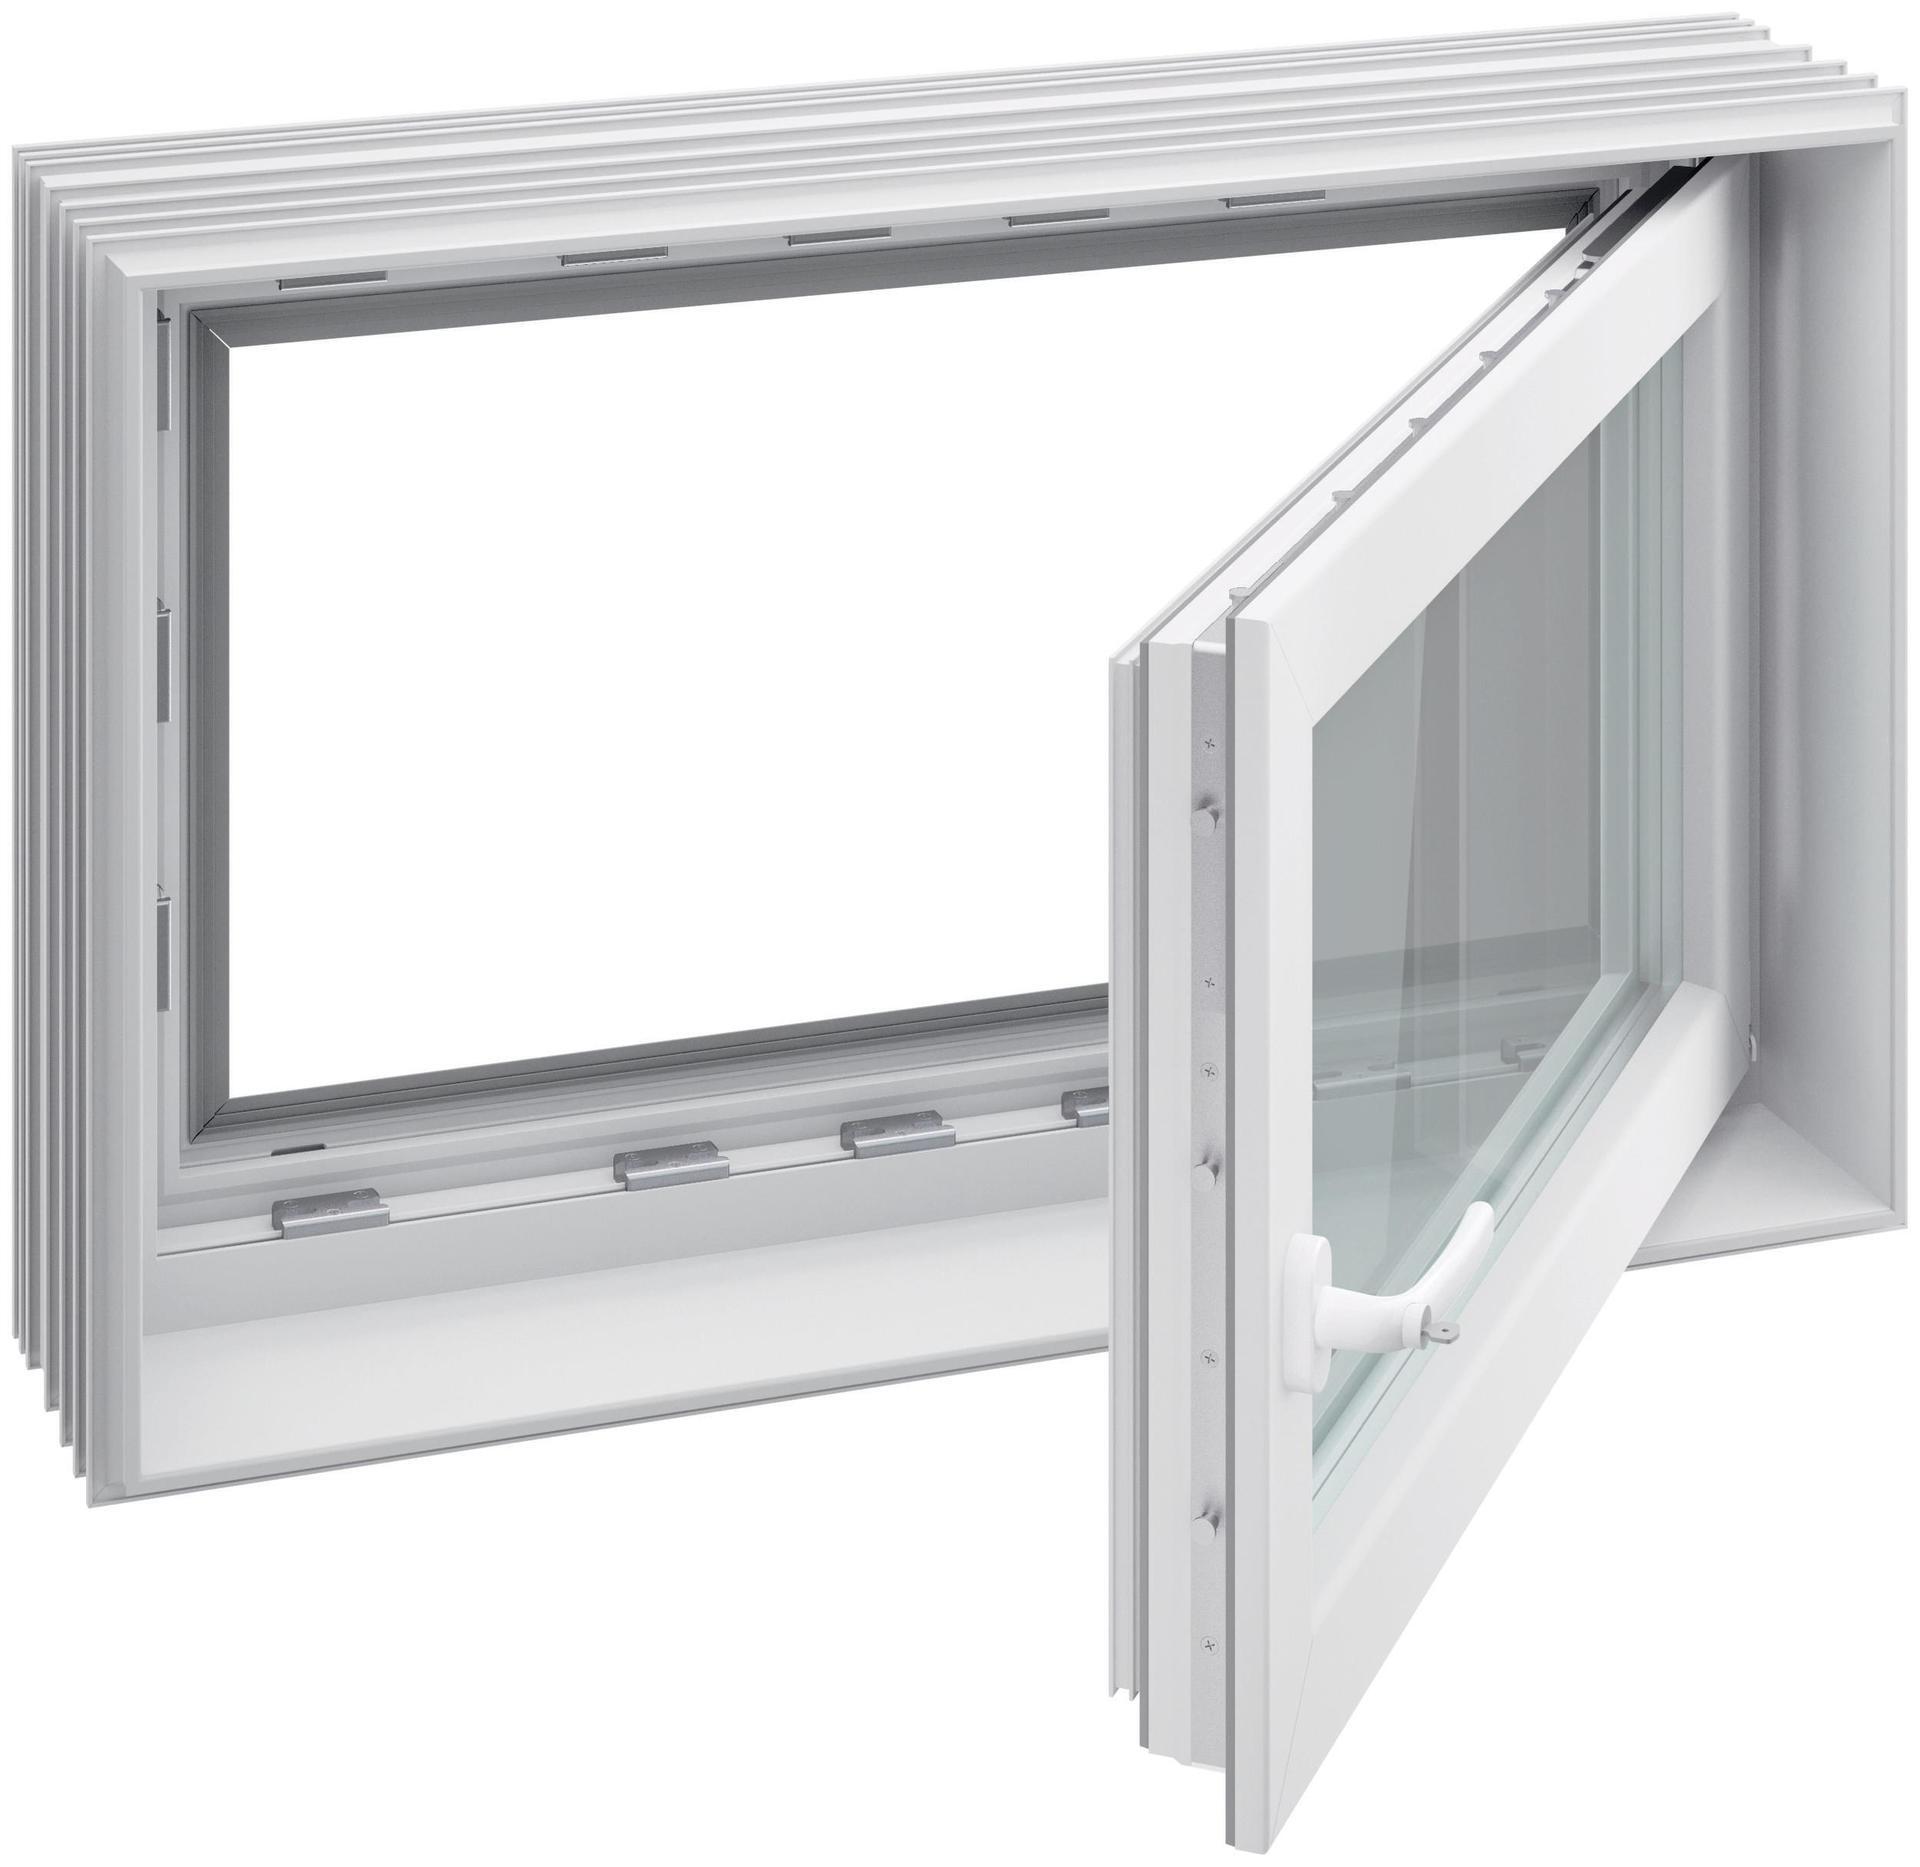 Küchenzeile Für Keller ~ aco therm u00ae 3 0 leibungsfenster für den keller ais online de